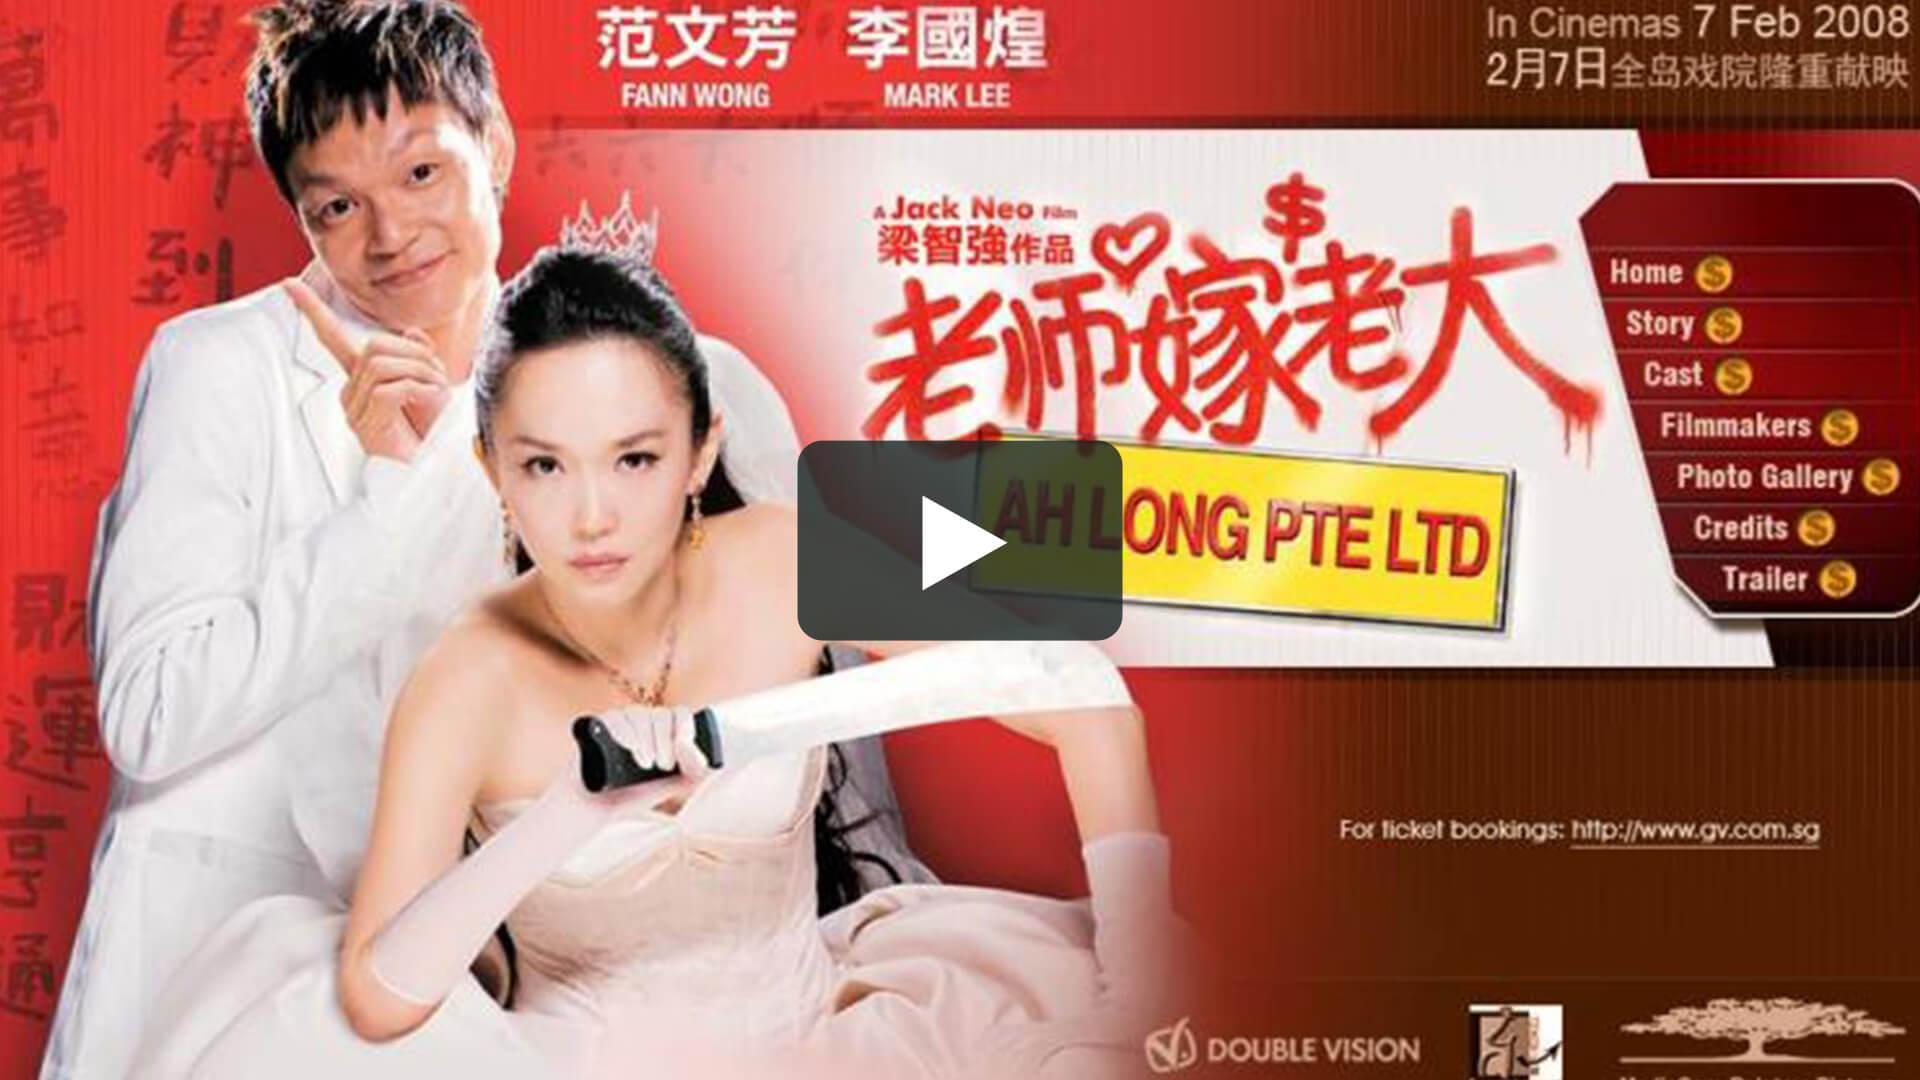 老師嫁老大 - Ah Long Pte Ltd